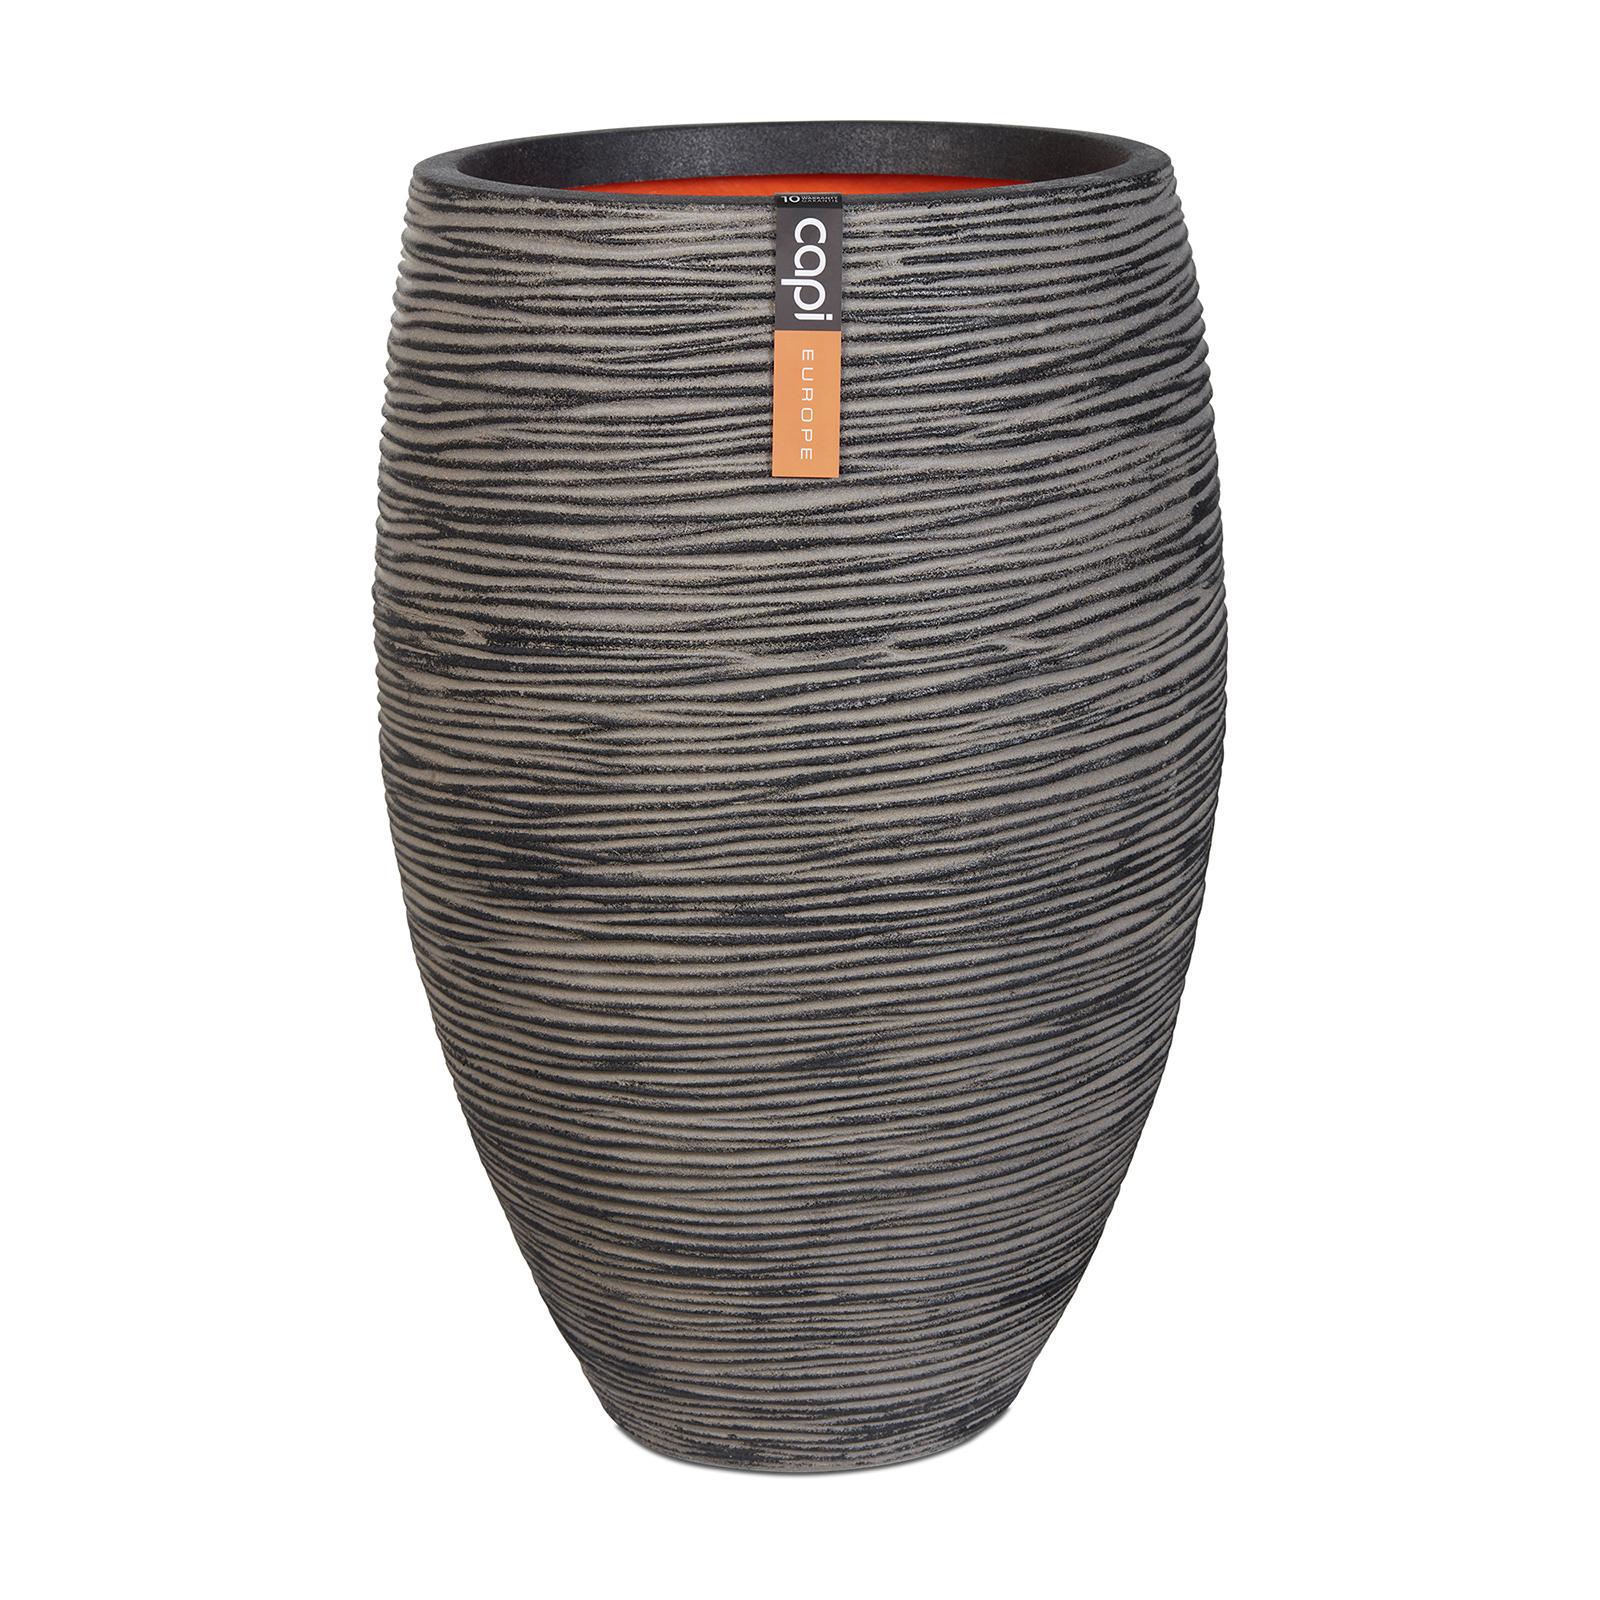 Capi 40 x 60cm Rib Elegant Deluxe Vase - Anthracite